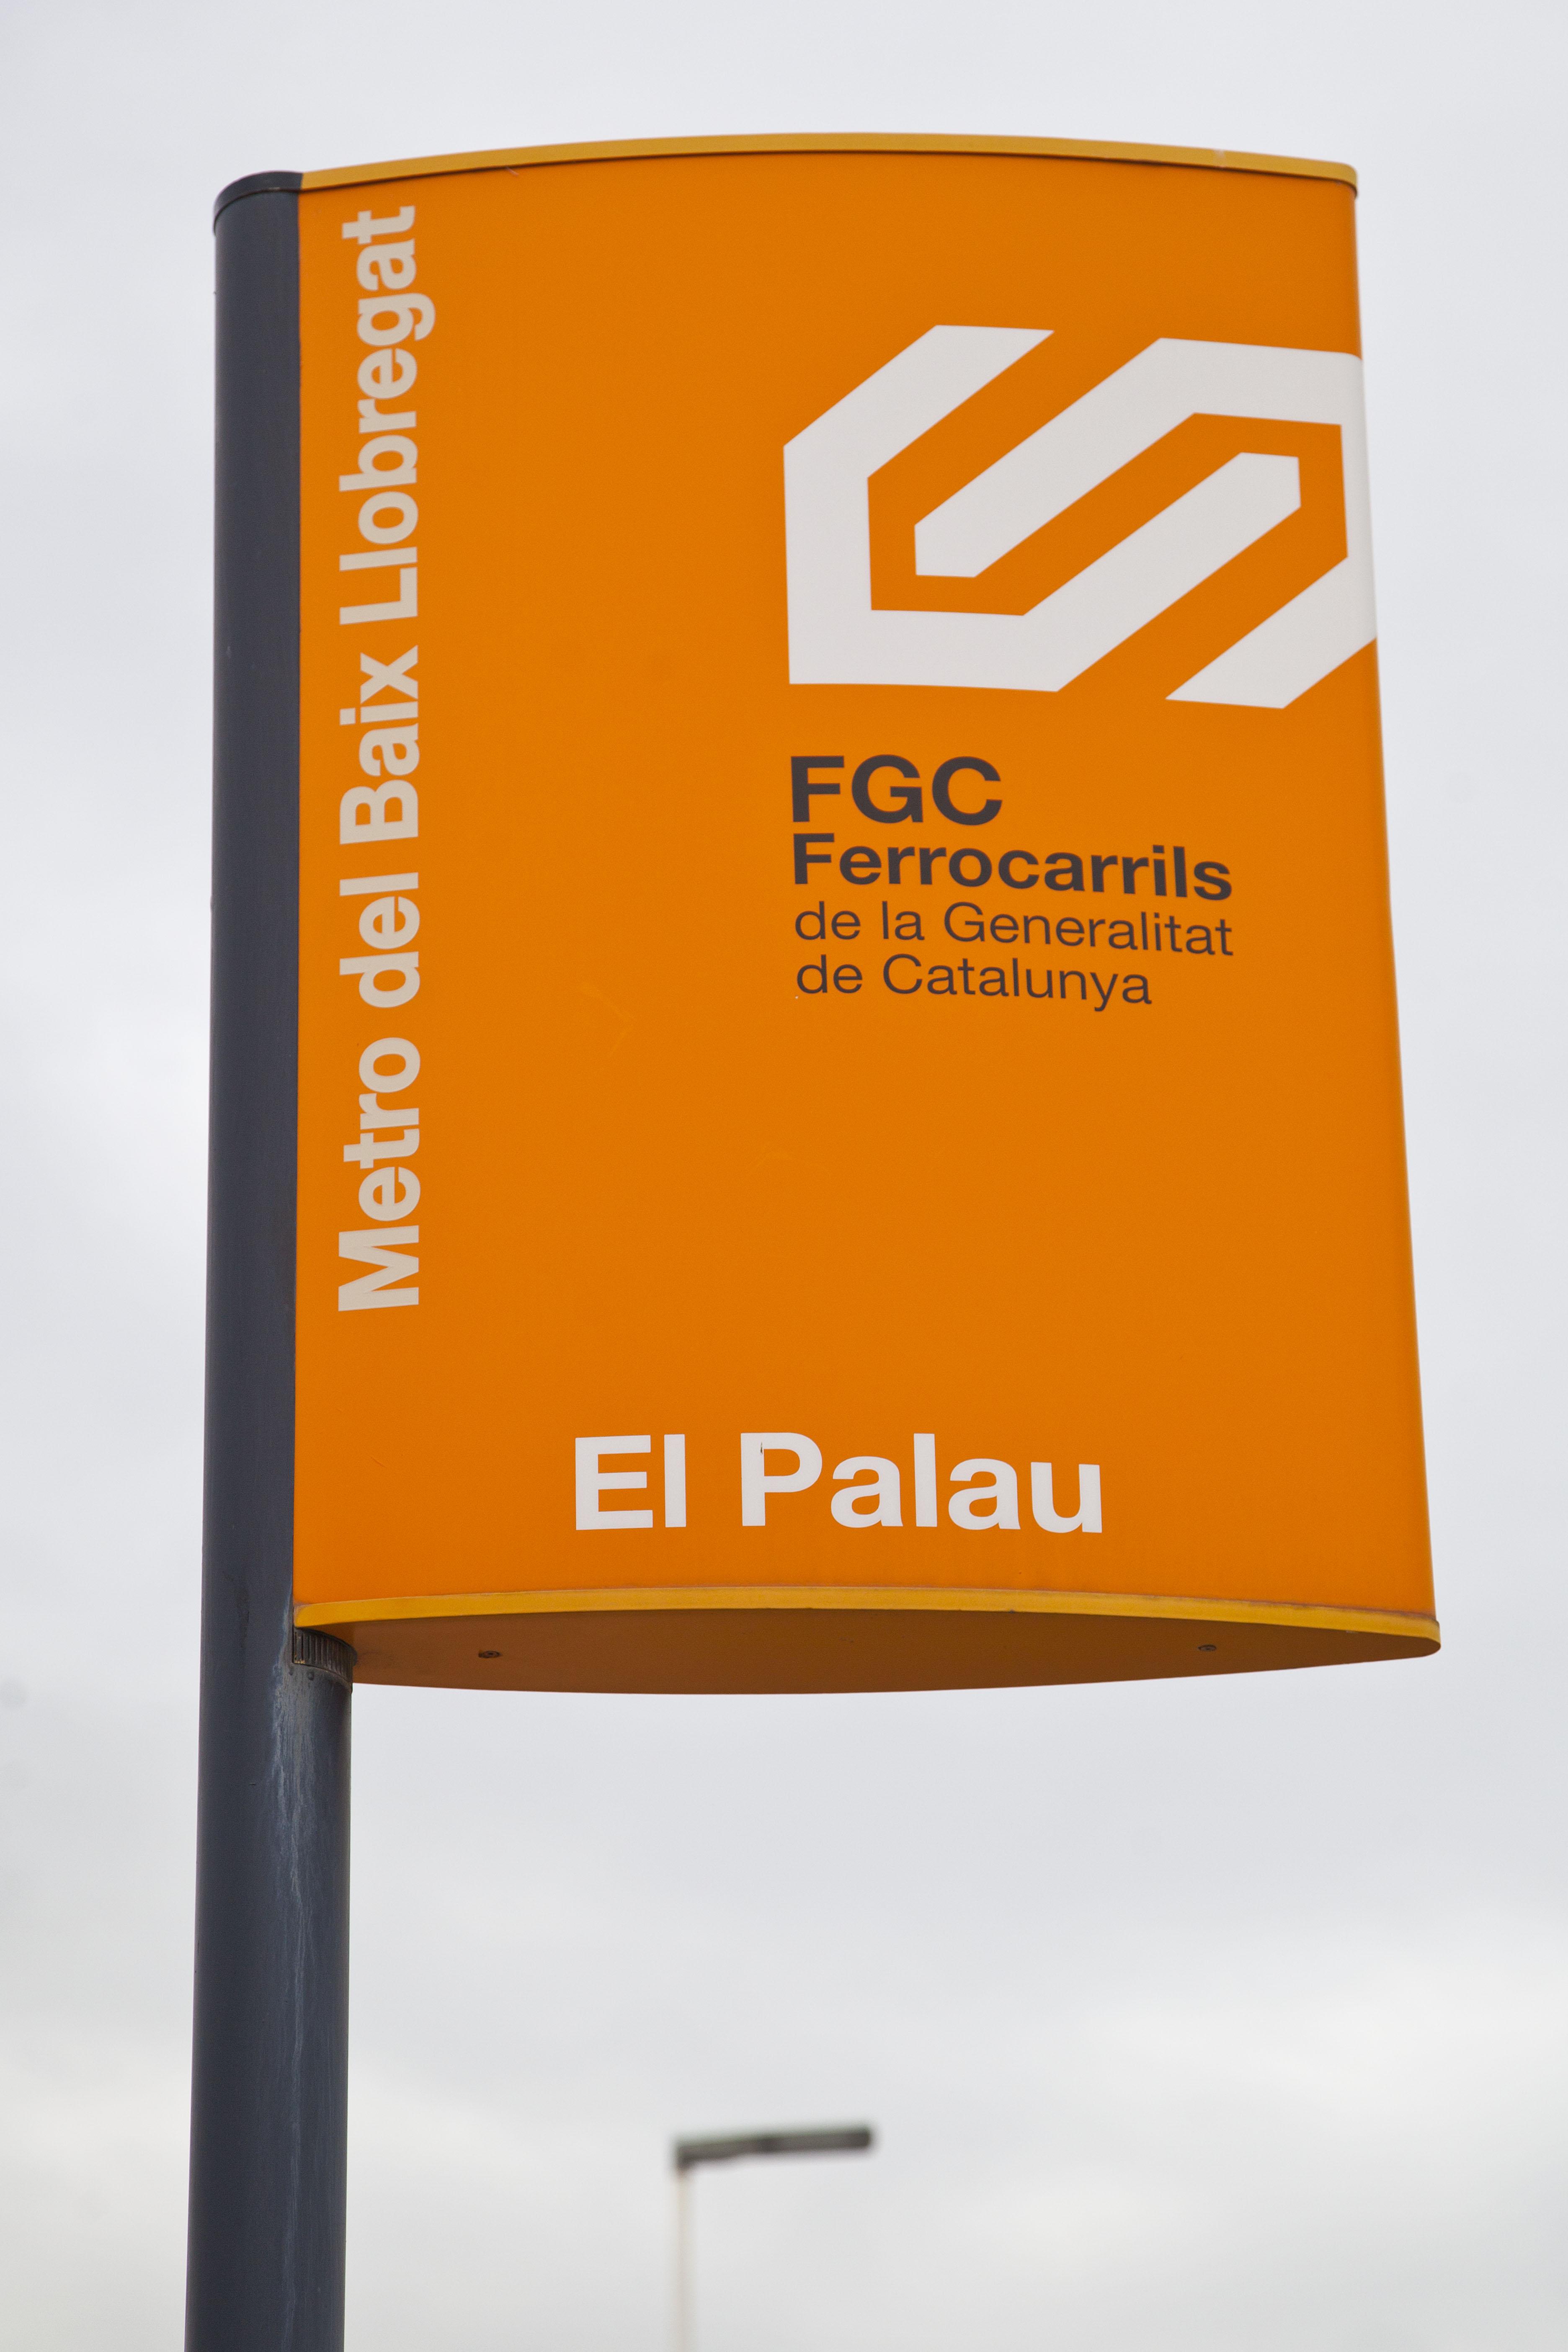 EL- PALAU- FGC